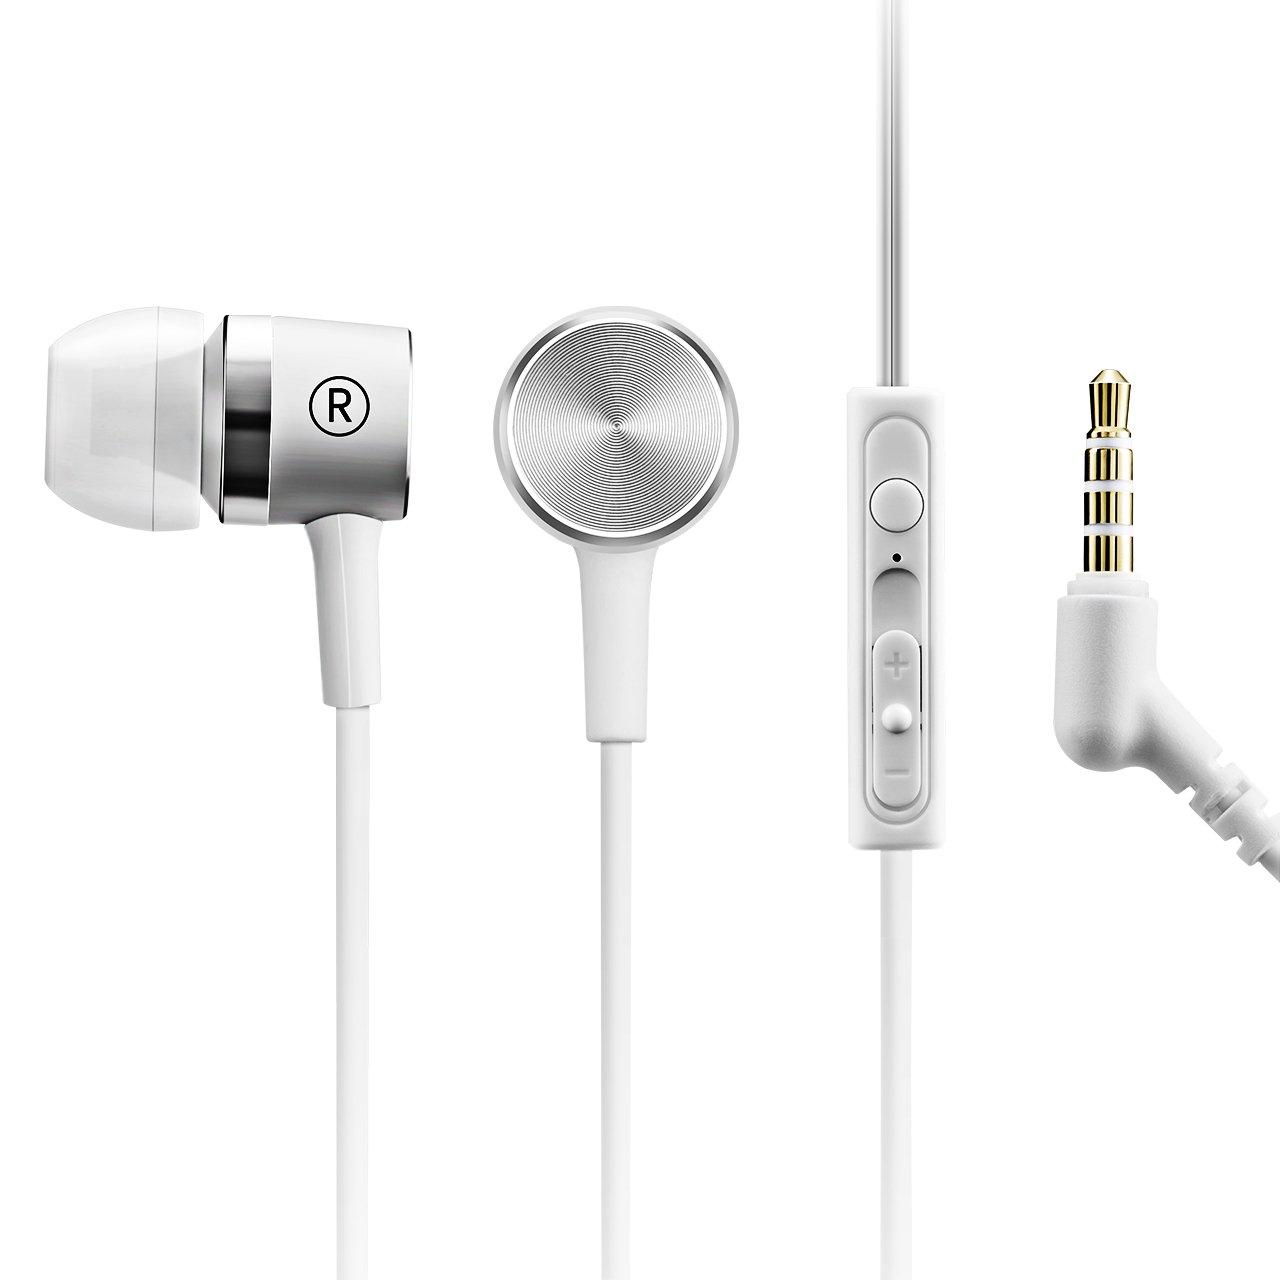 Mpow In-ear Auricolari per Ascoltare Musica in Esecuzione Viaggio, Qualità del Suono Impressionante, con Microfono In linea & Telecomando, Compatibile con con iPhone 6s plus/6s, iPhone 6/6 Plus, iPhone 5s/5c/5/4s, iPad, LG G2, Samsung Galaxy S6 Edge+/S6 Edge/S6/ S5/S4/S3, Sony, Huawei P8 / 9 Lite ed altri Smartphone - Bianco